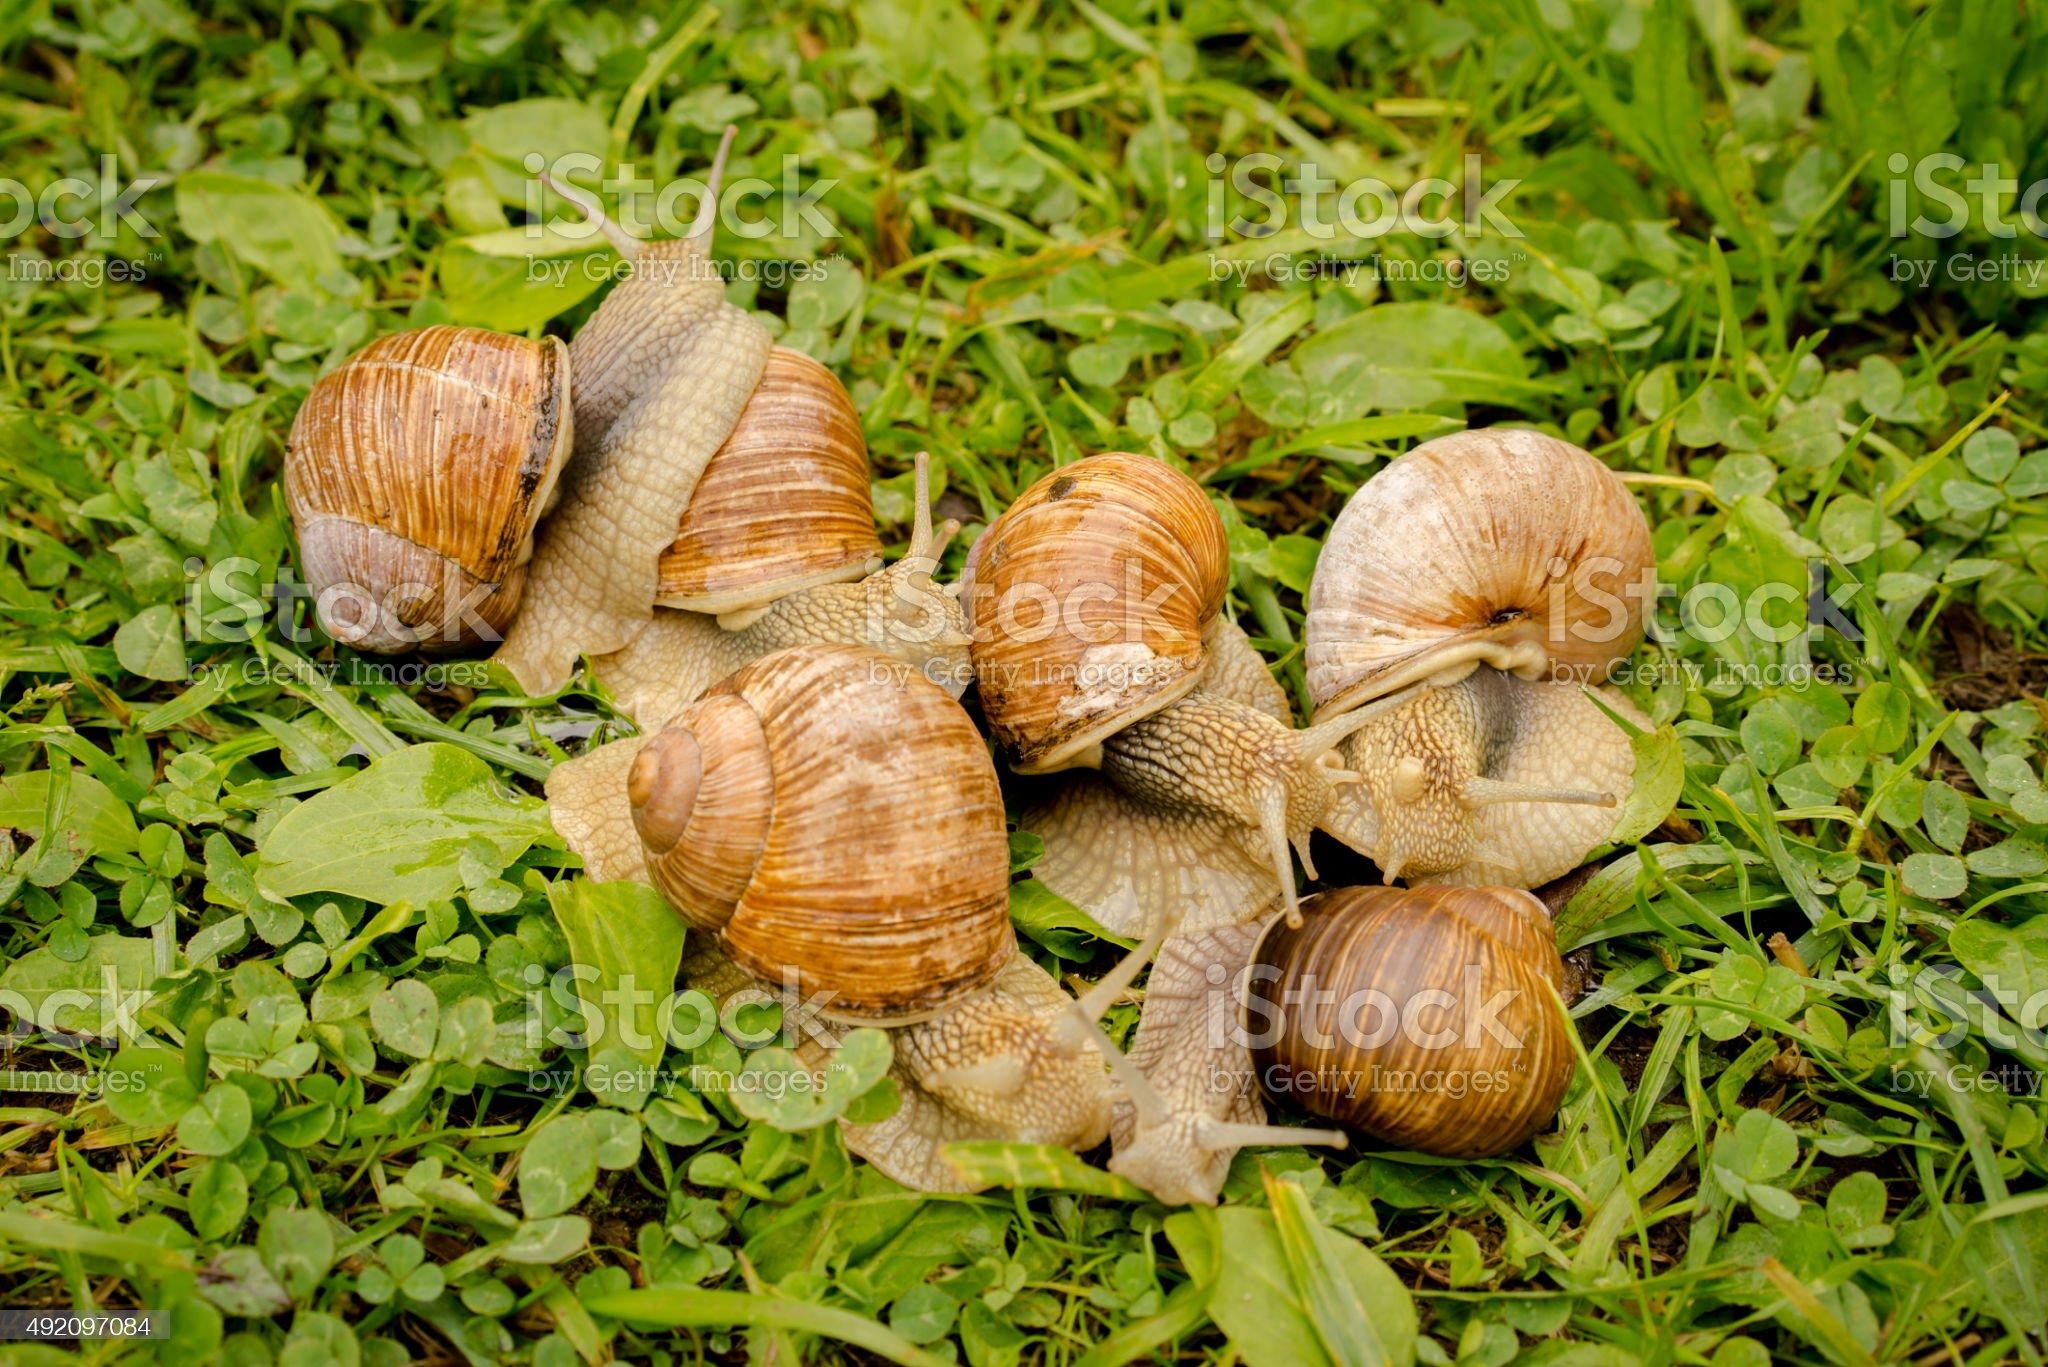 Groupe de 6 les escargots sur l'herbe - Photo de 2015 libre de droits